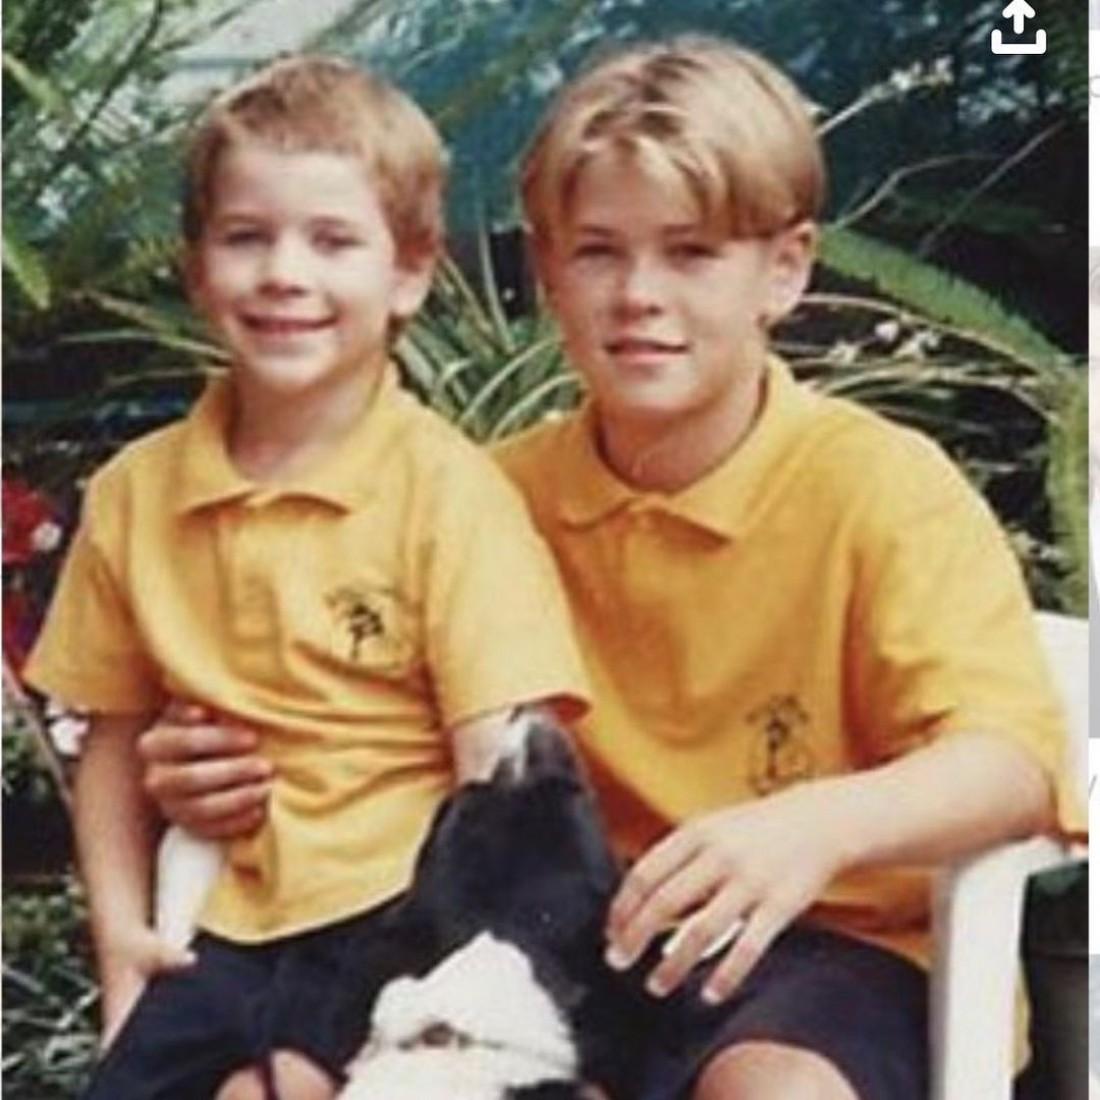 Крис Хемсворт показал детское фото с братом Лиамом